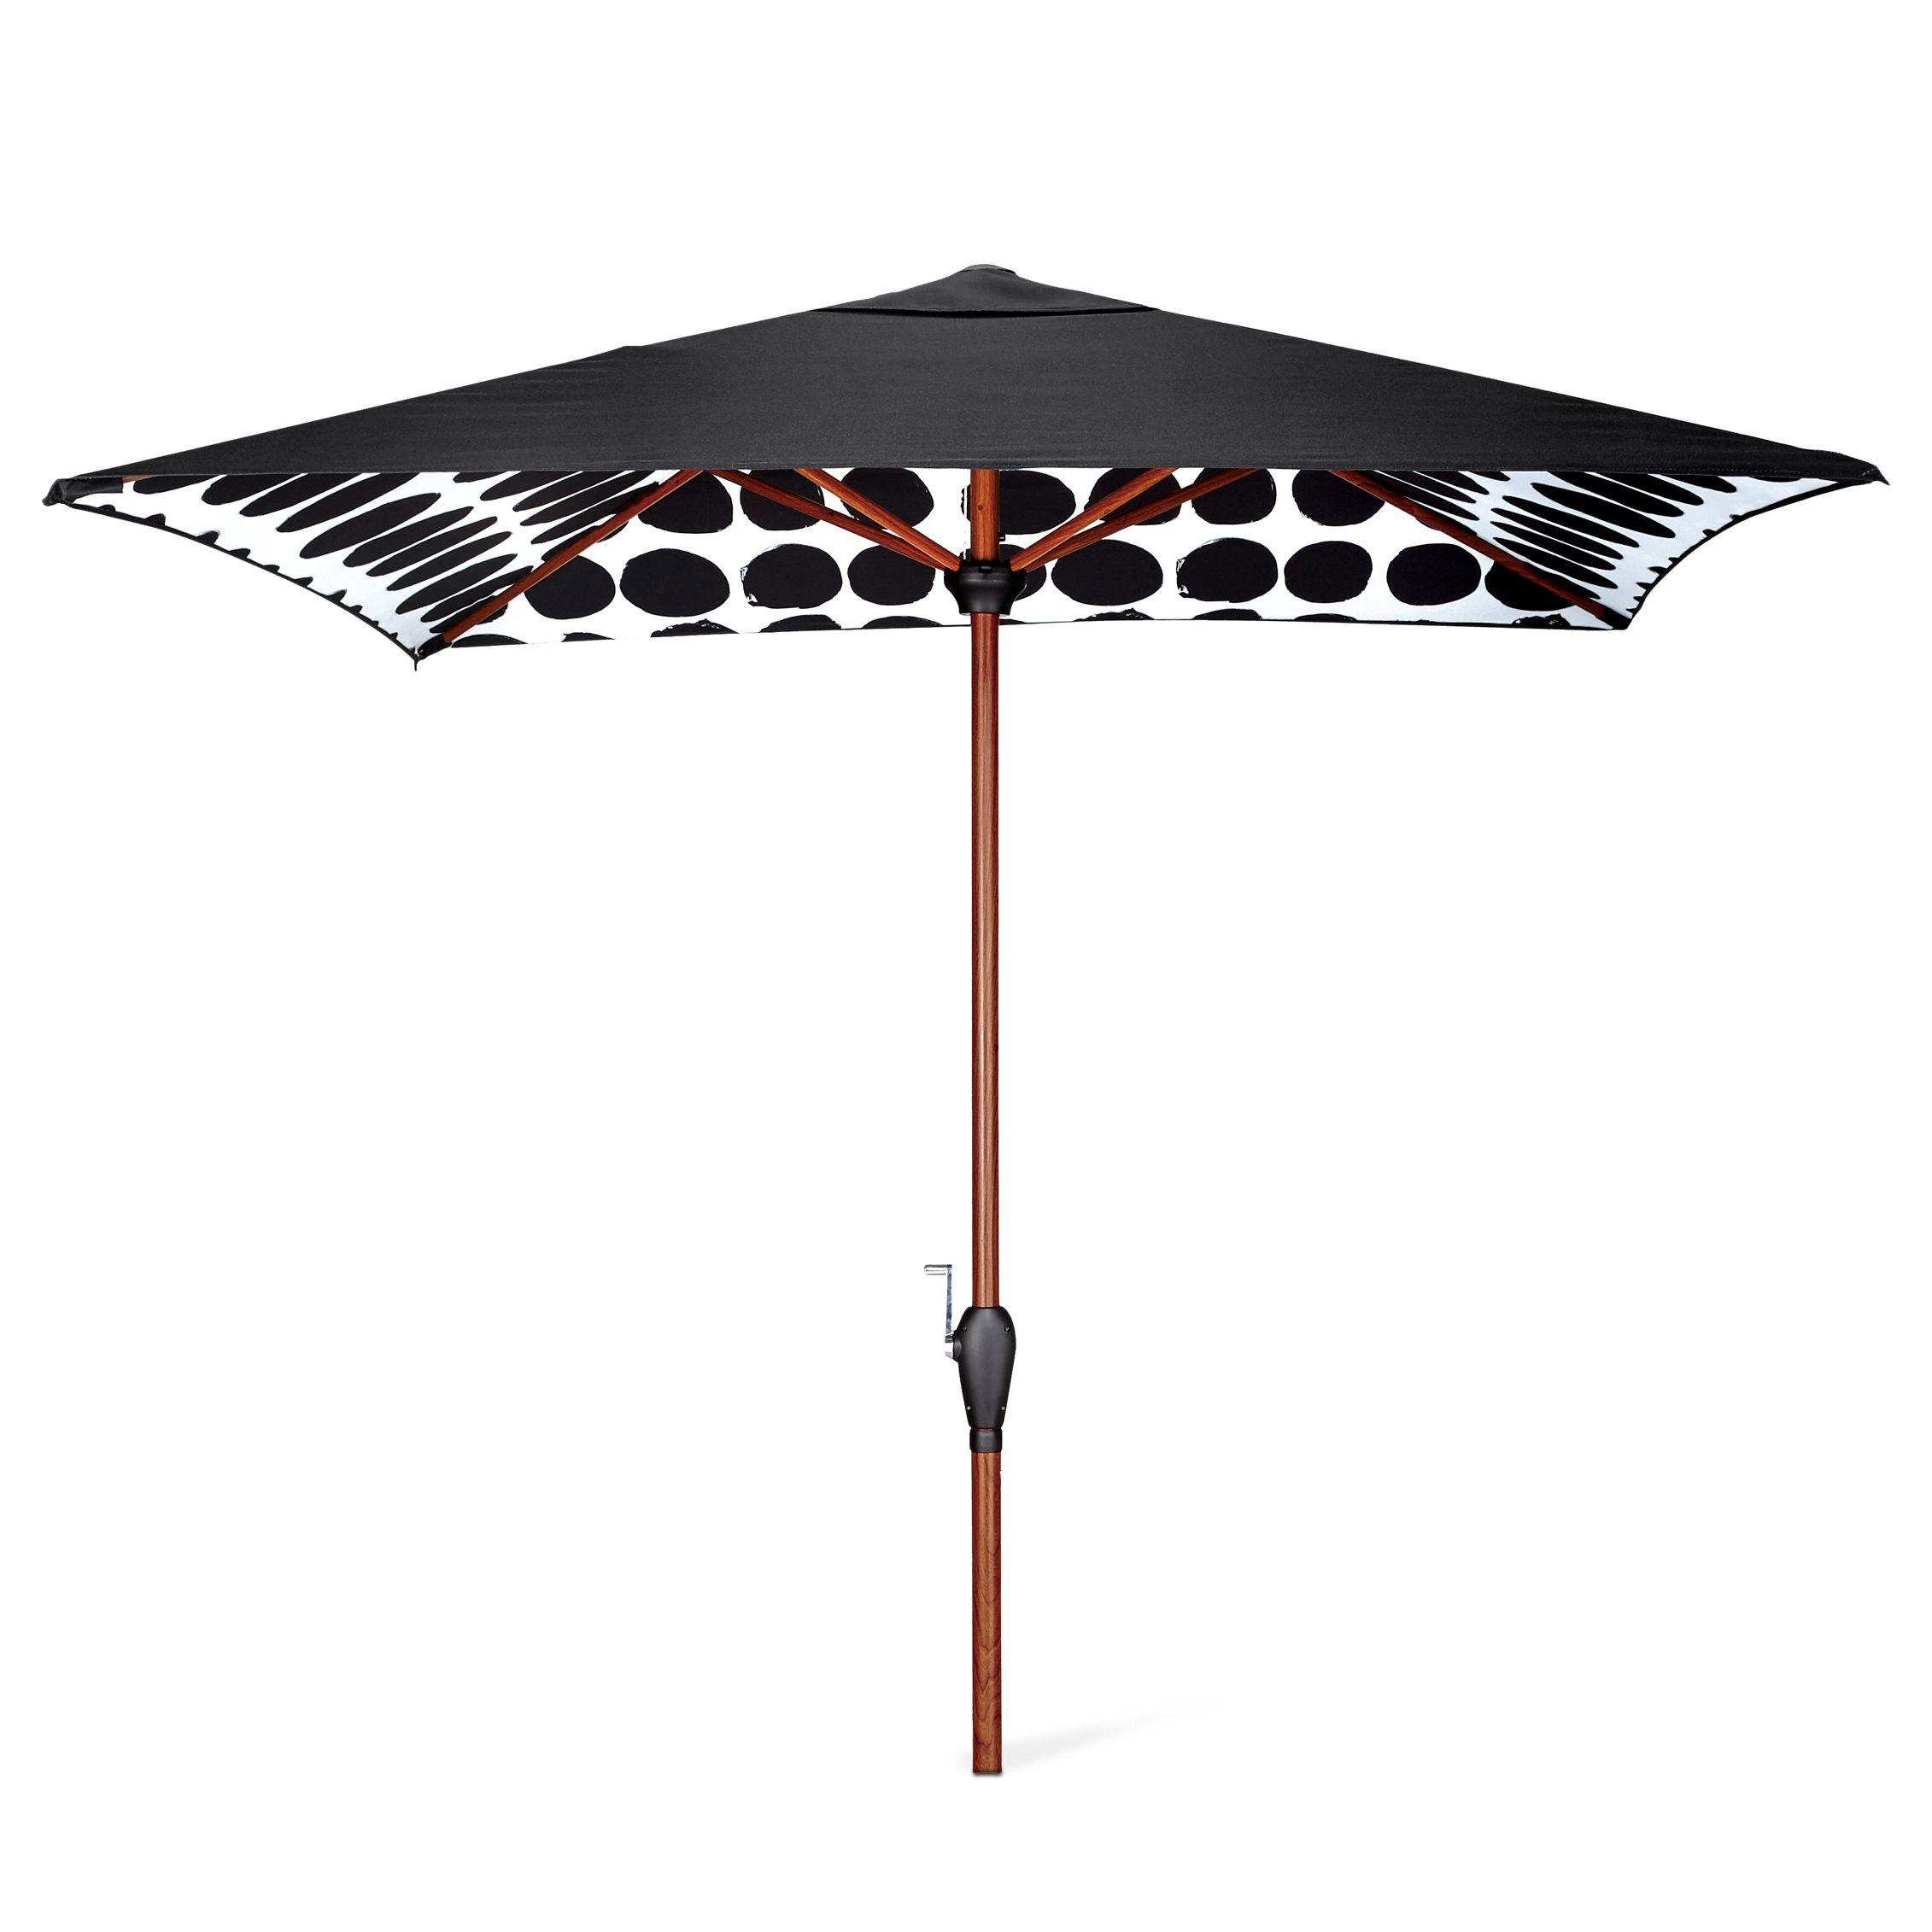 Umbrella Marimekko for Tar O U T D O O R S